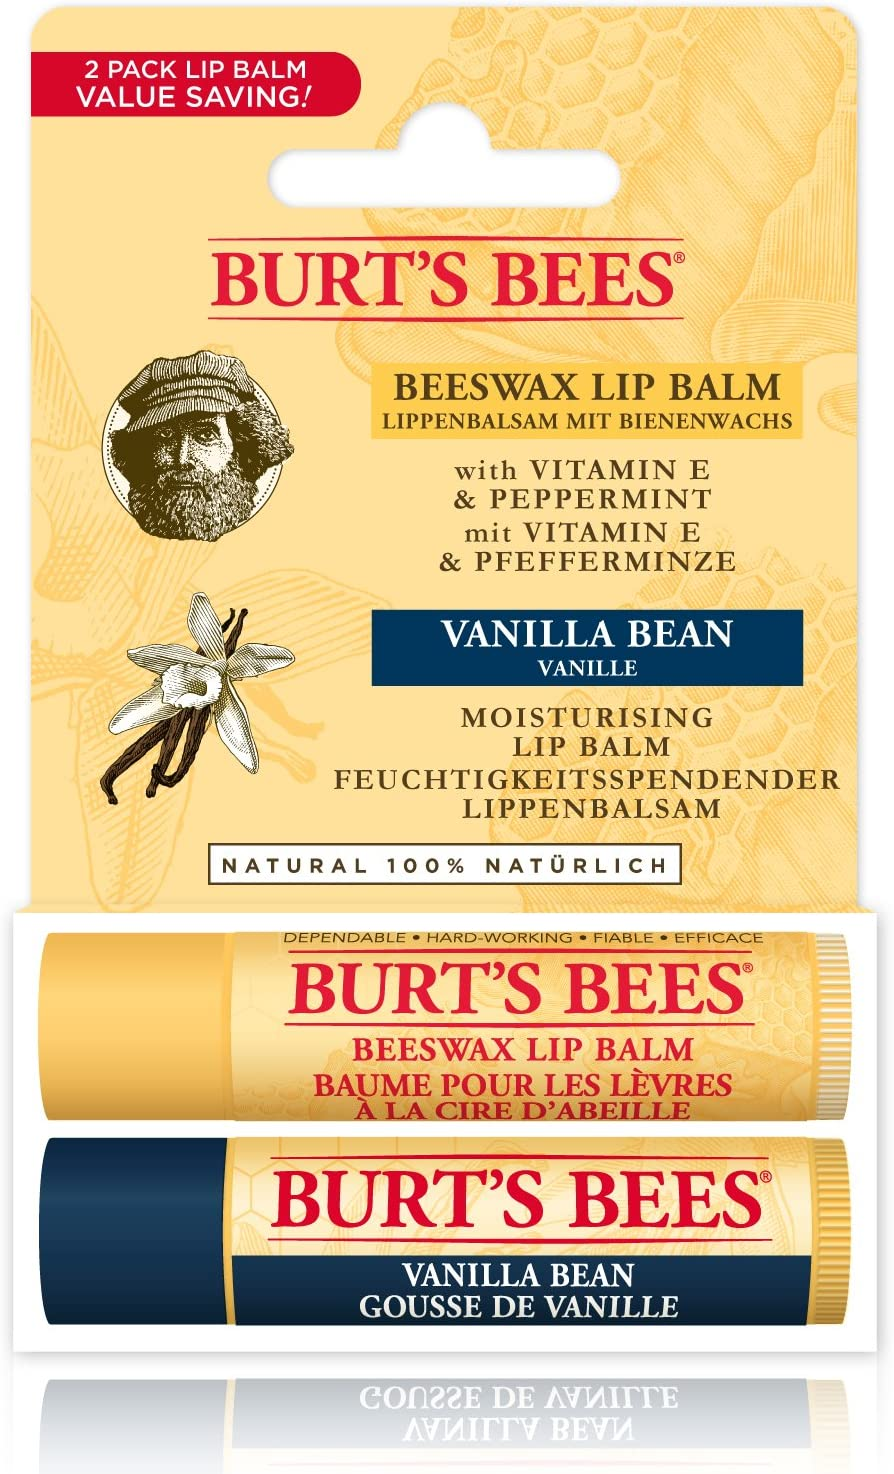 Bálsamo labial hidratante Burt's Bees 100% natural, pack dos por uno, cera de abejas y vainilla, 2 tubos